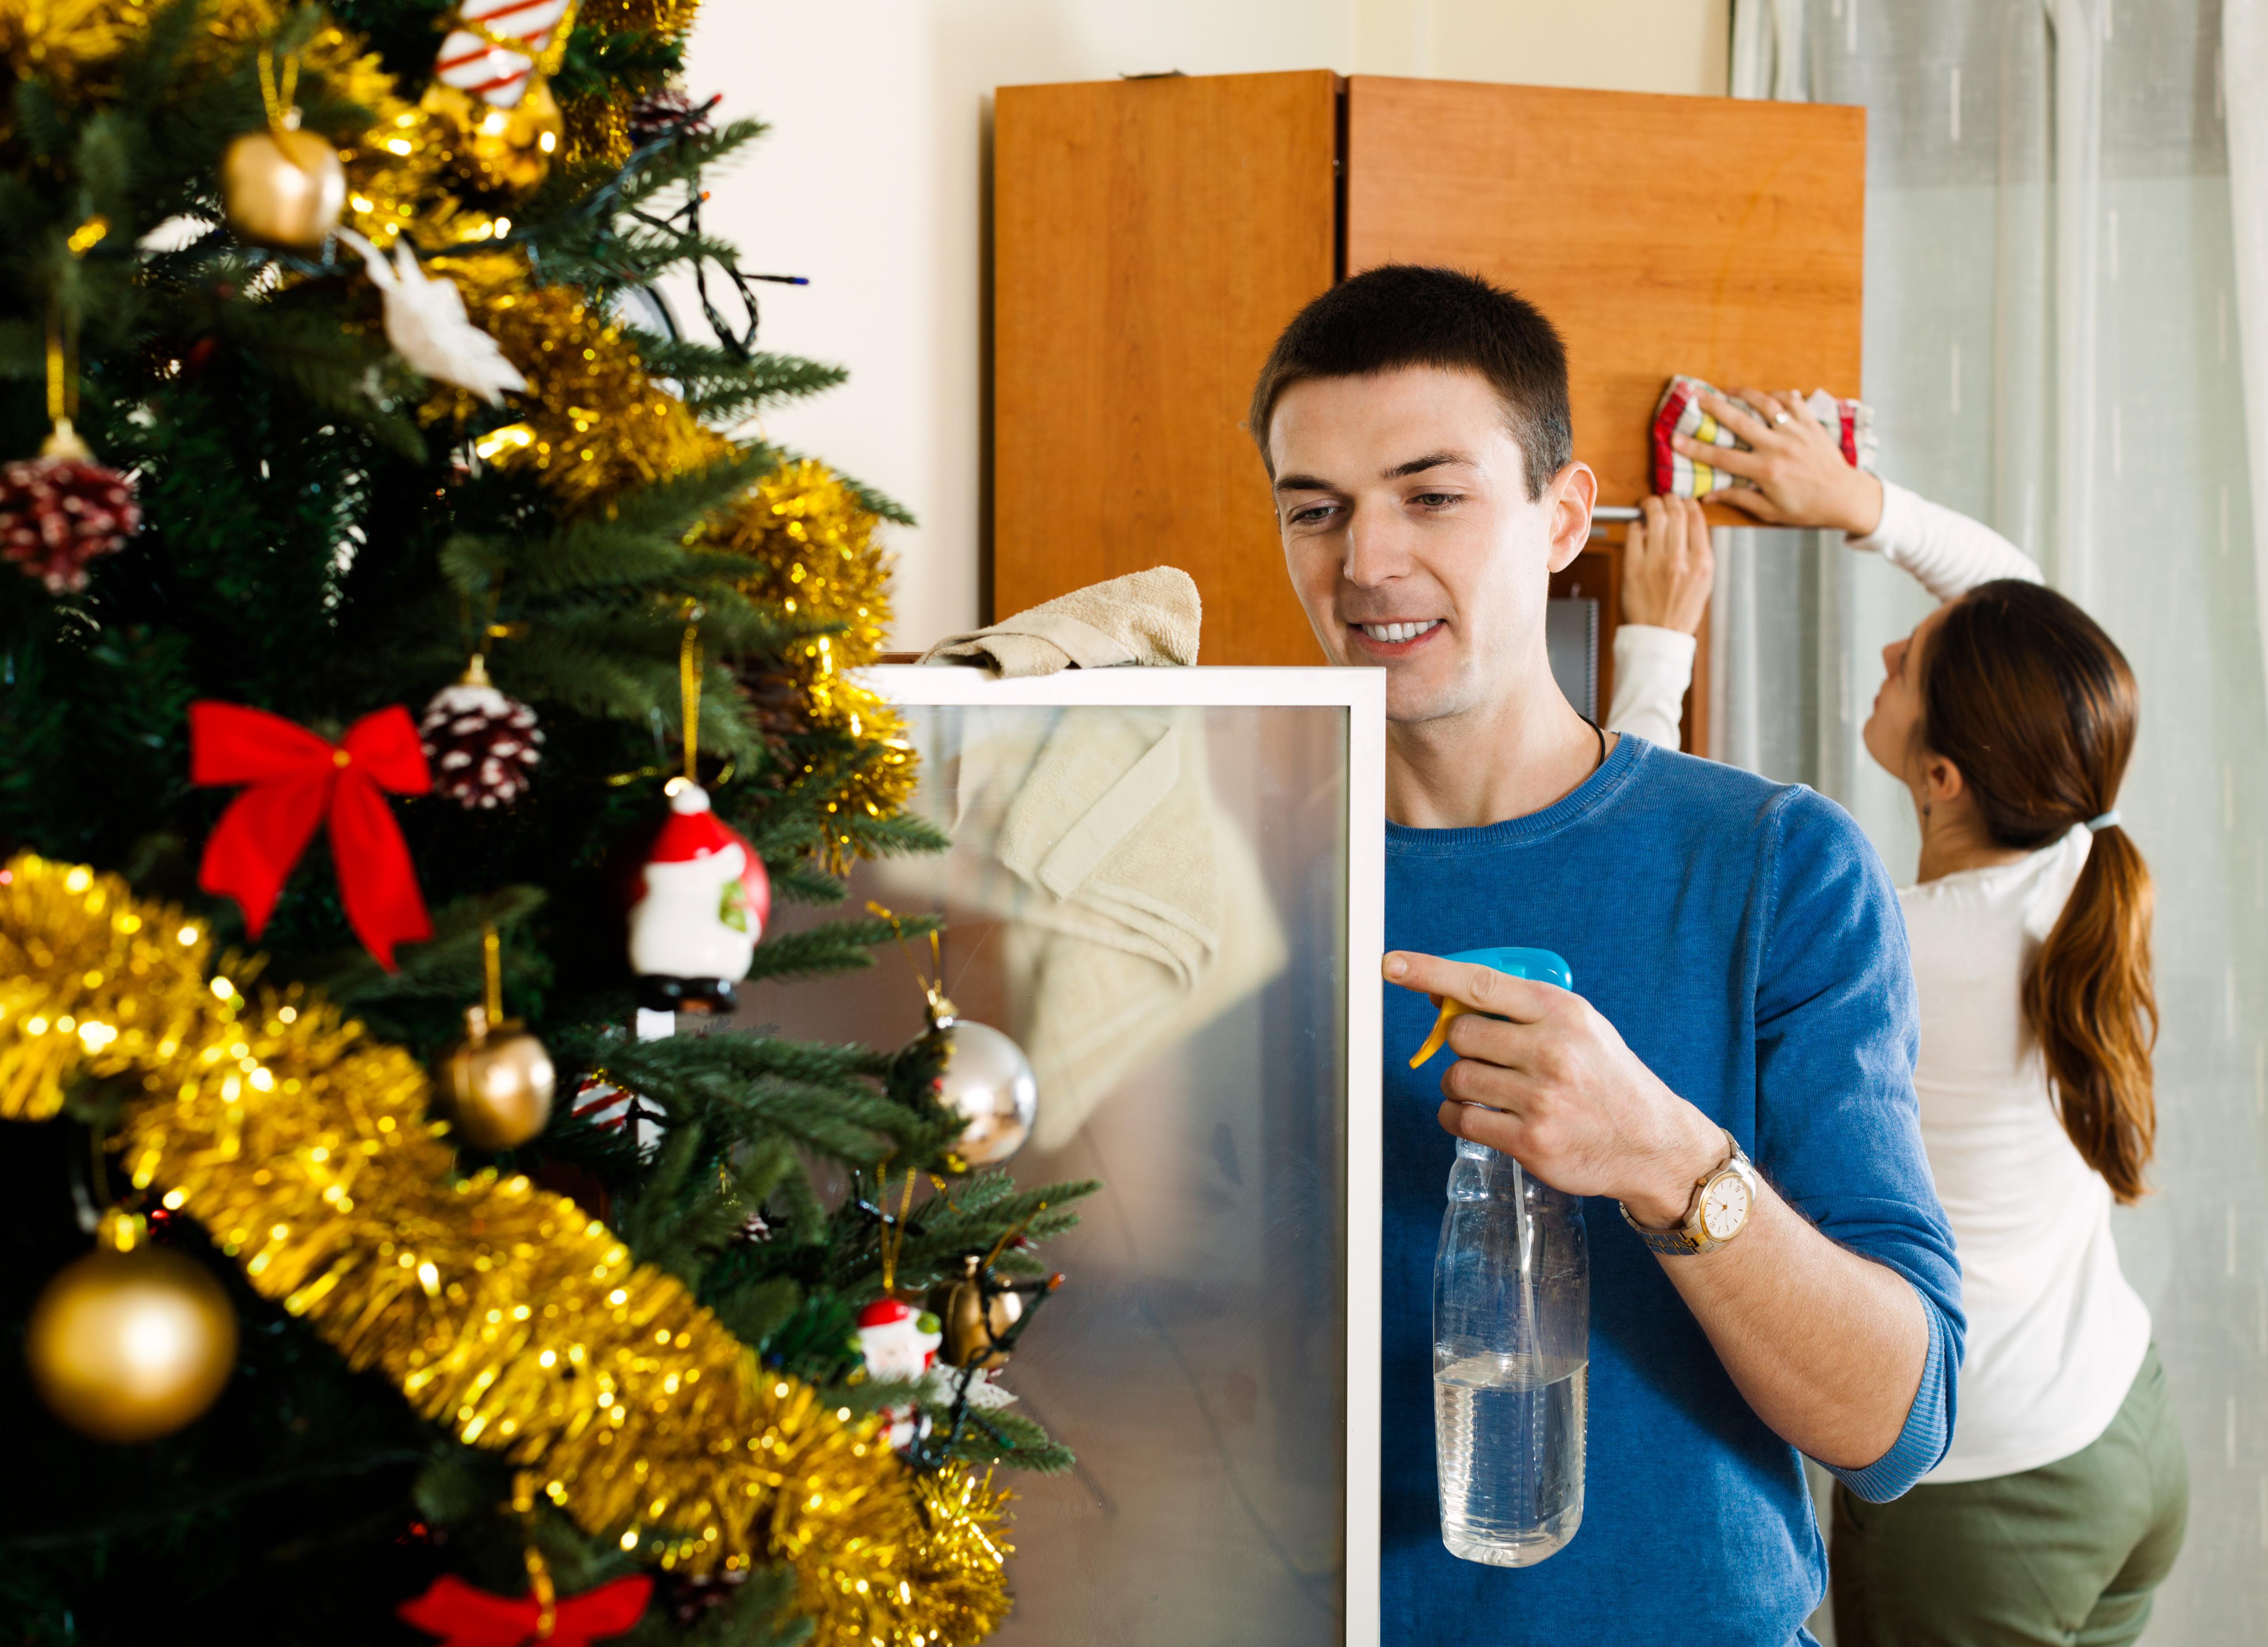 Уборка квартиры перед Новым годом